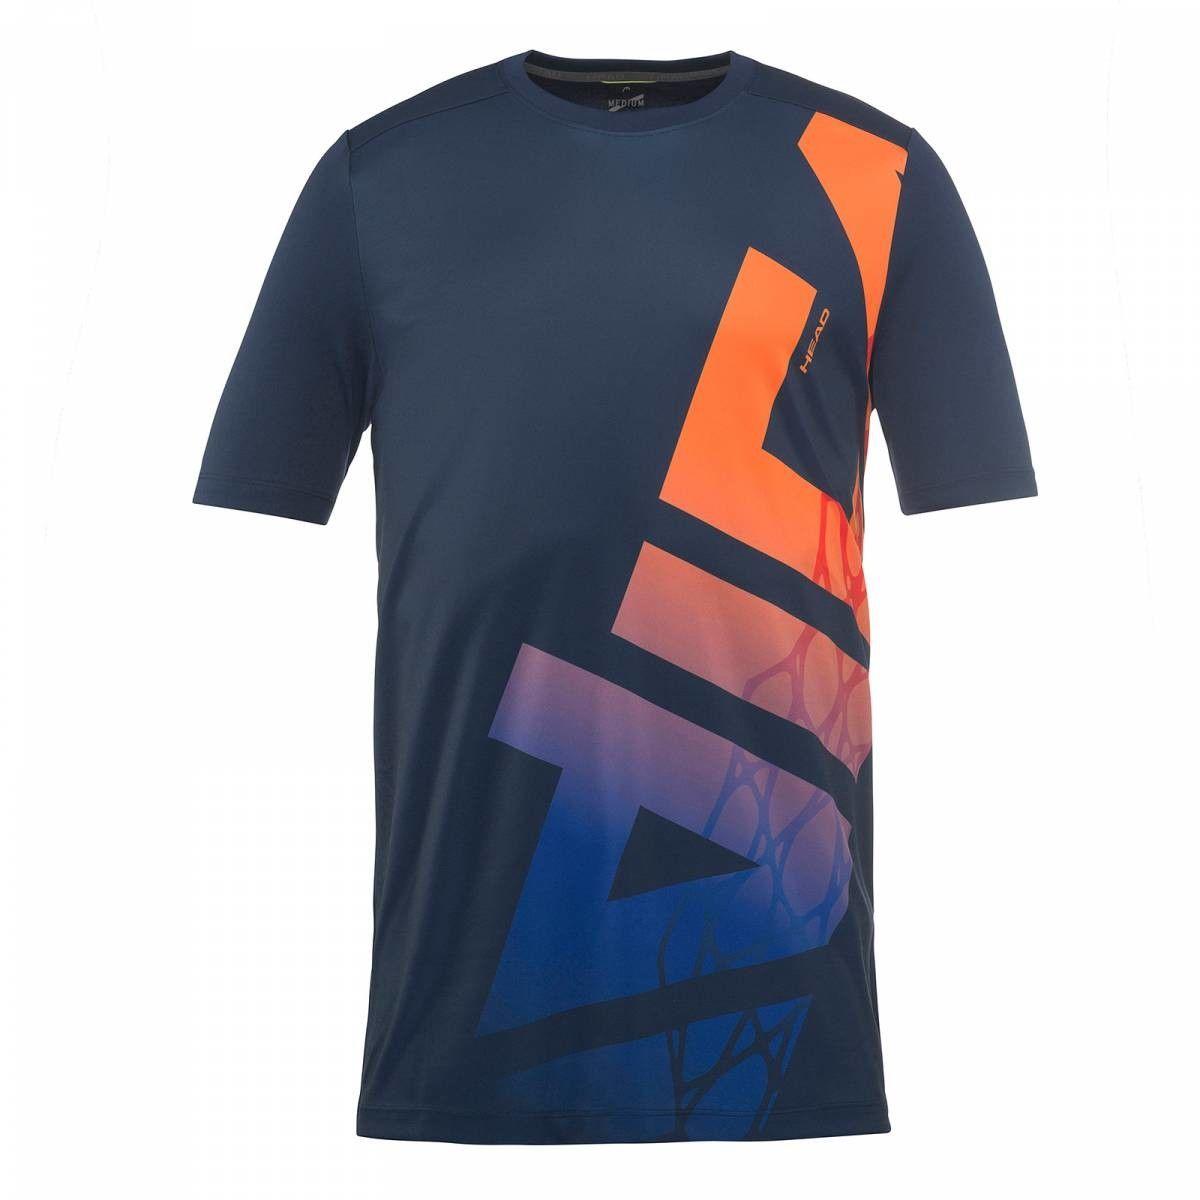 Head Vision Radical T-shirt B - navy